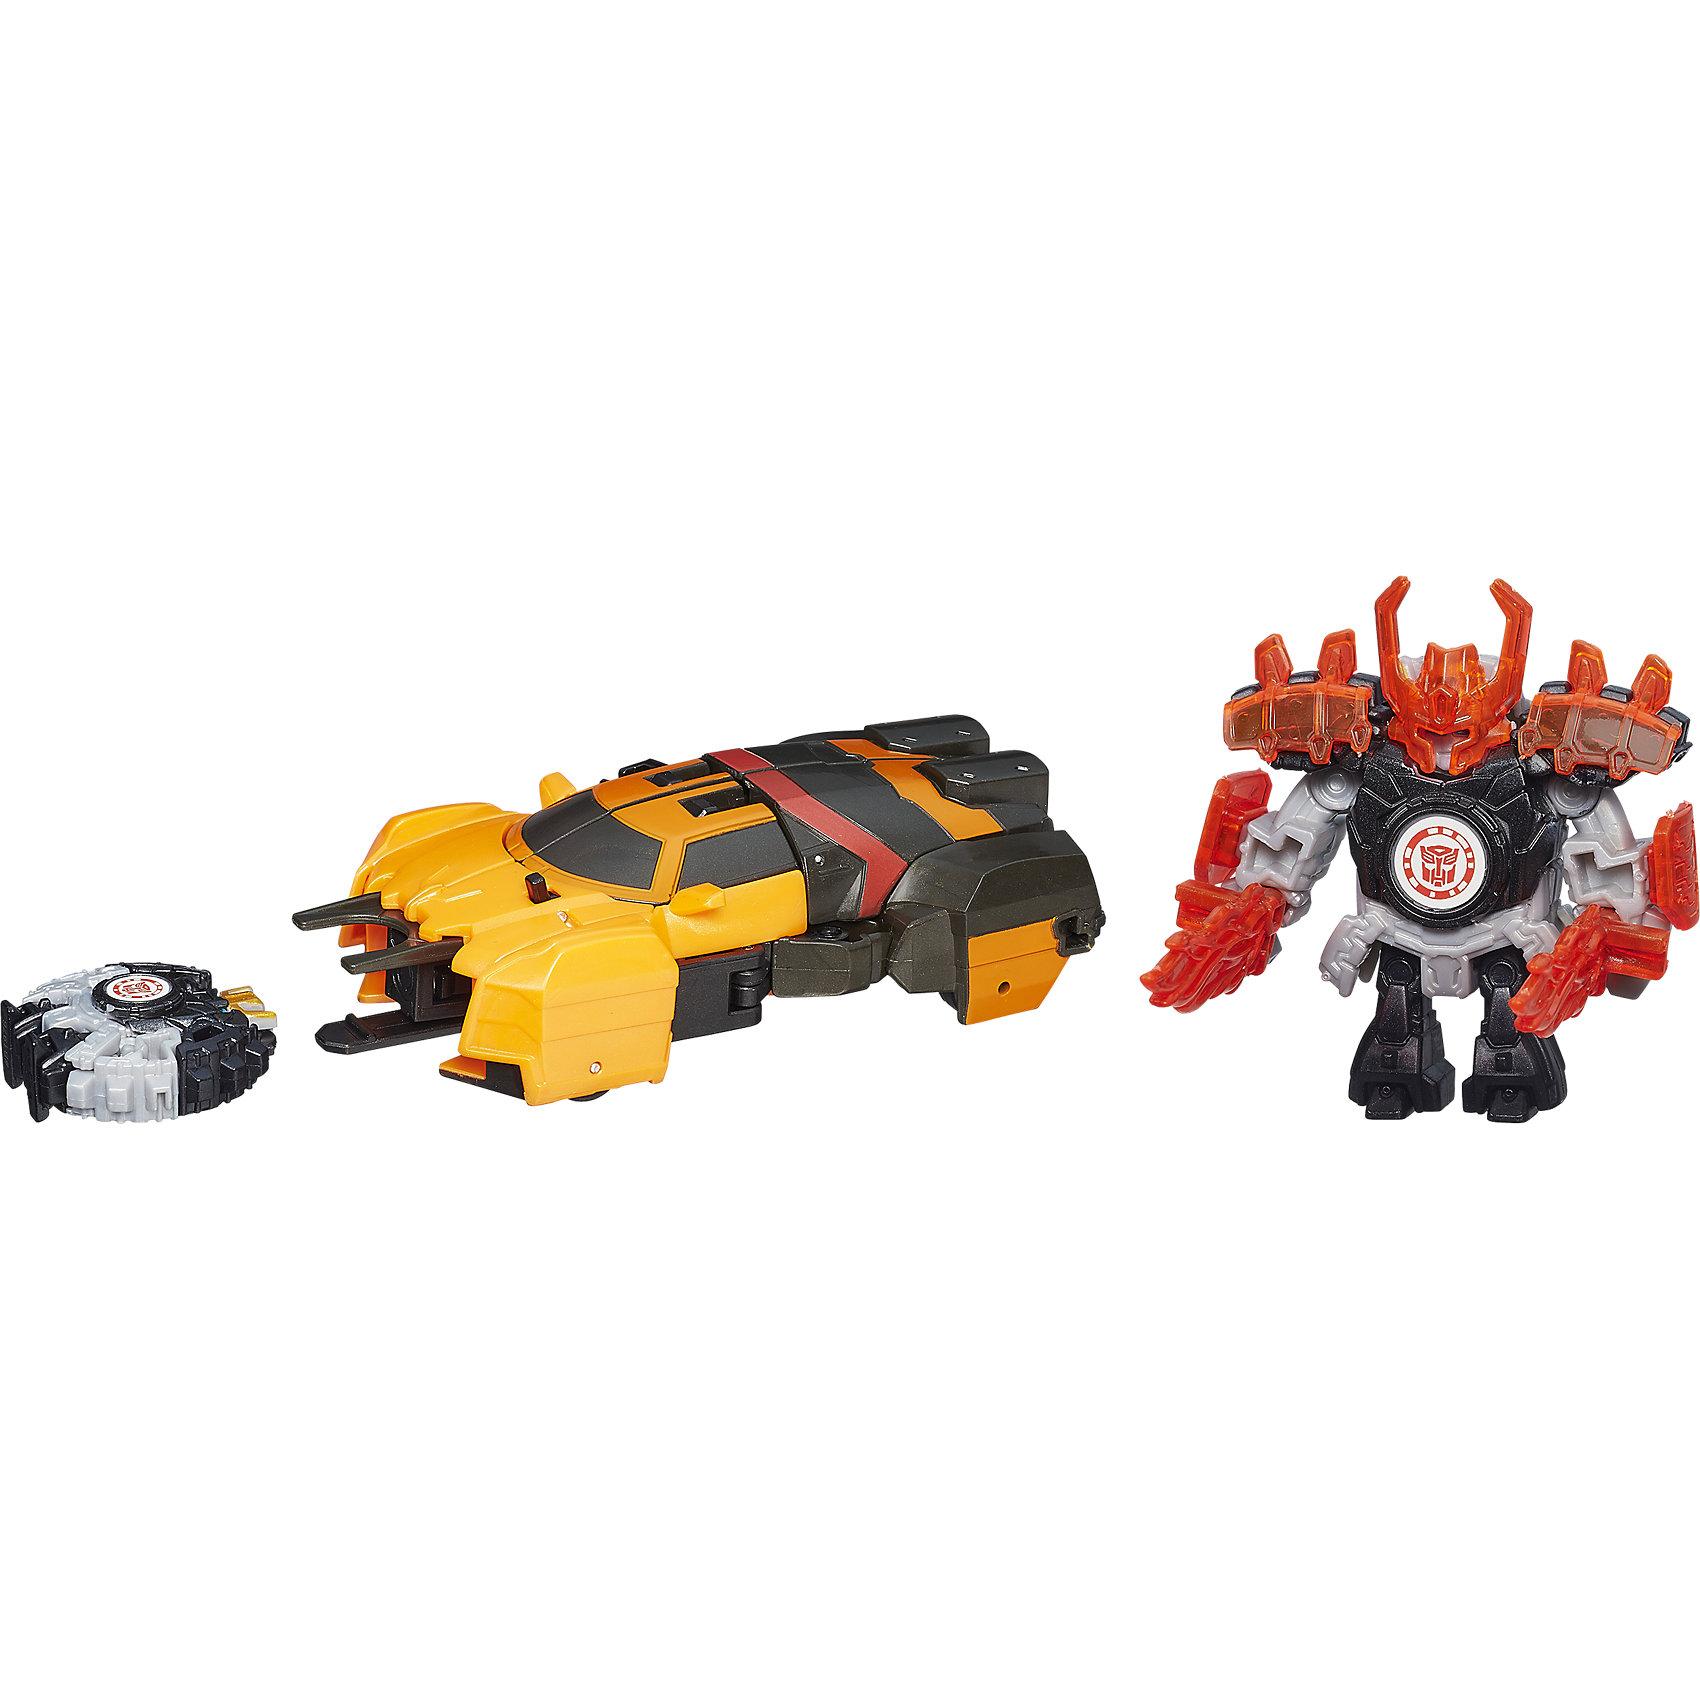 Hasbro Миниконы Деплойерс, Роботс-ин-Дисгайс, Трансформеры настольная экономическая игра миллионер ин 2225